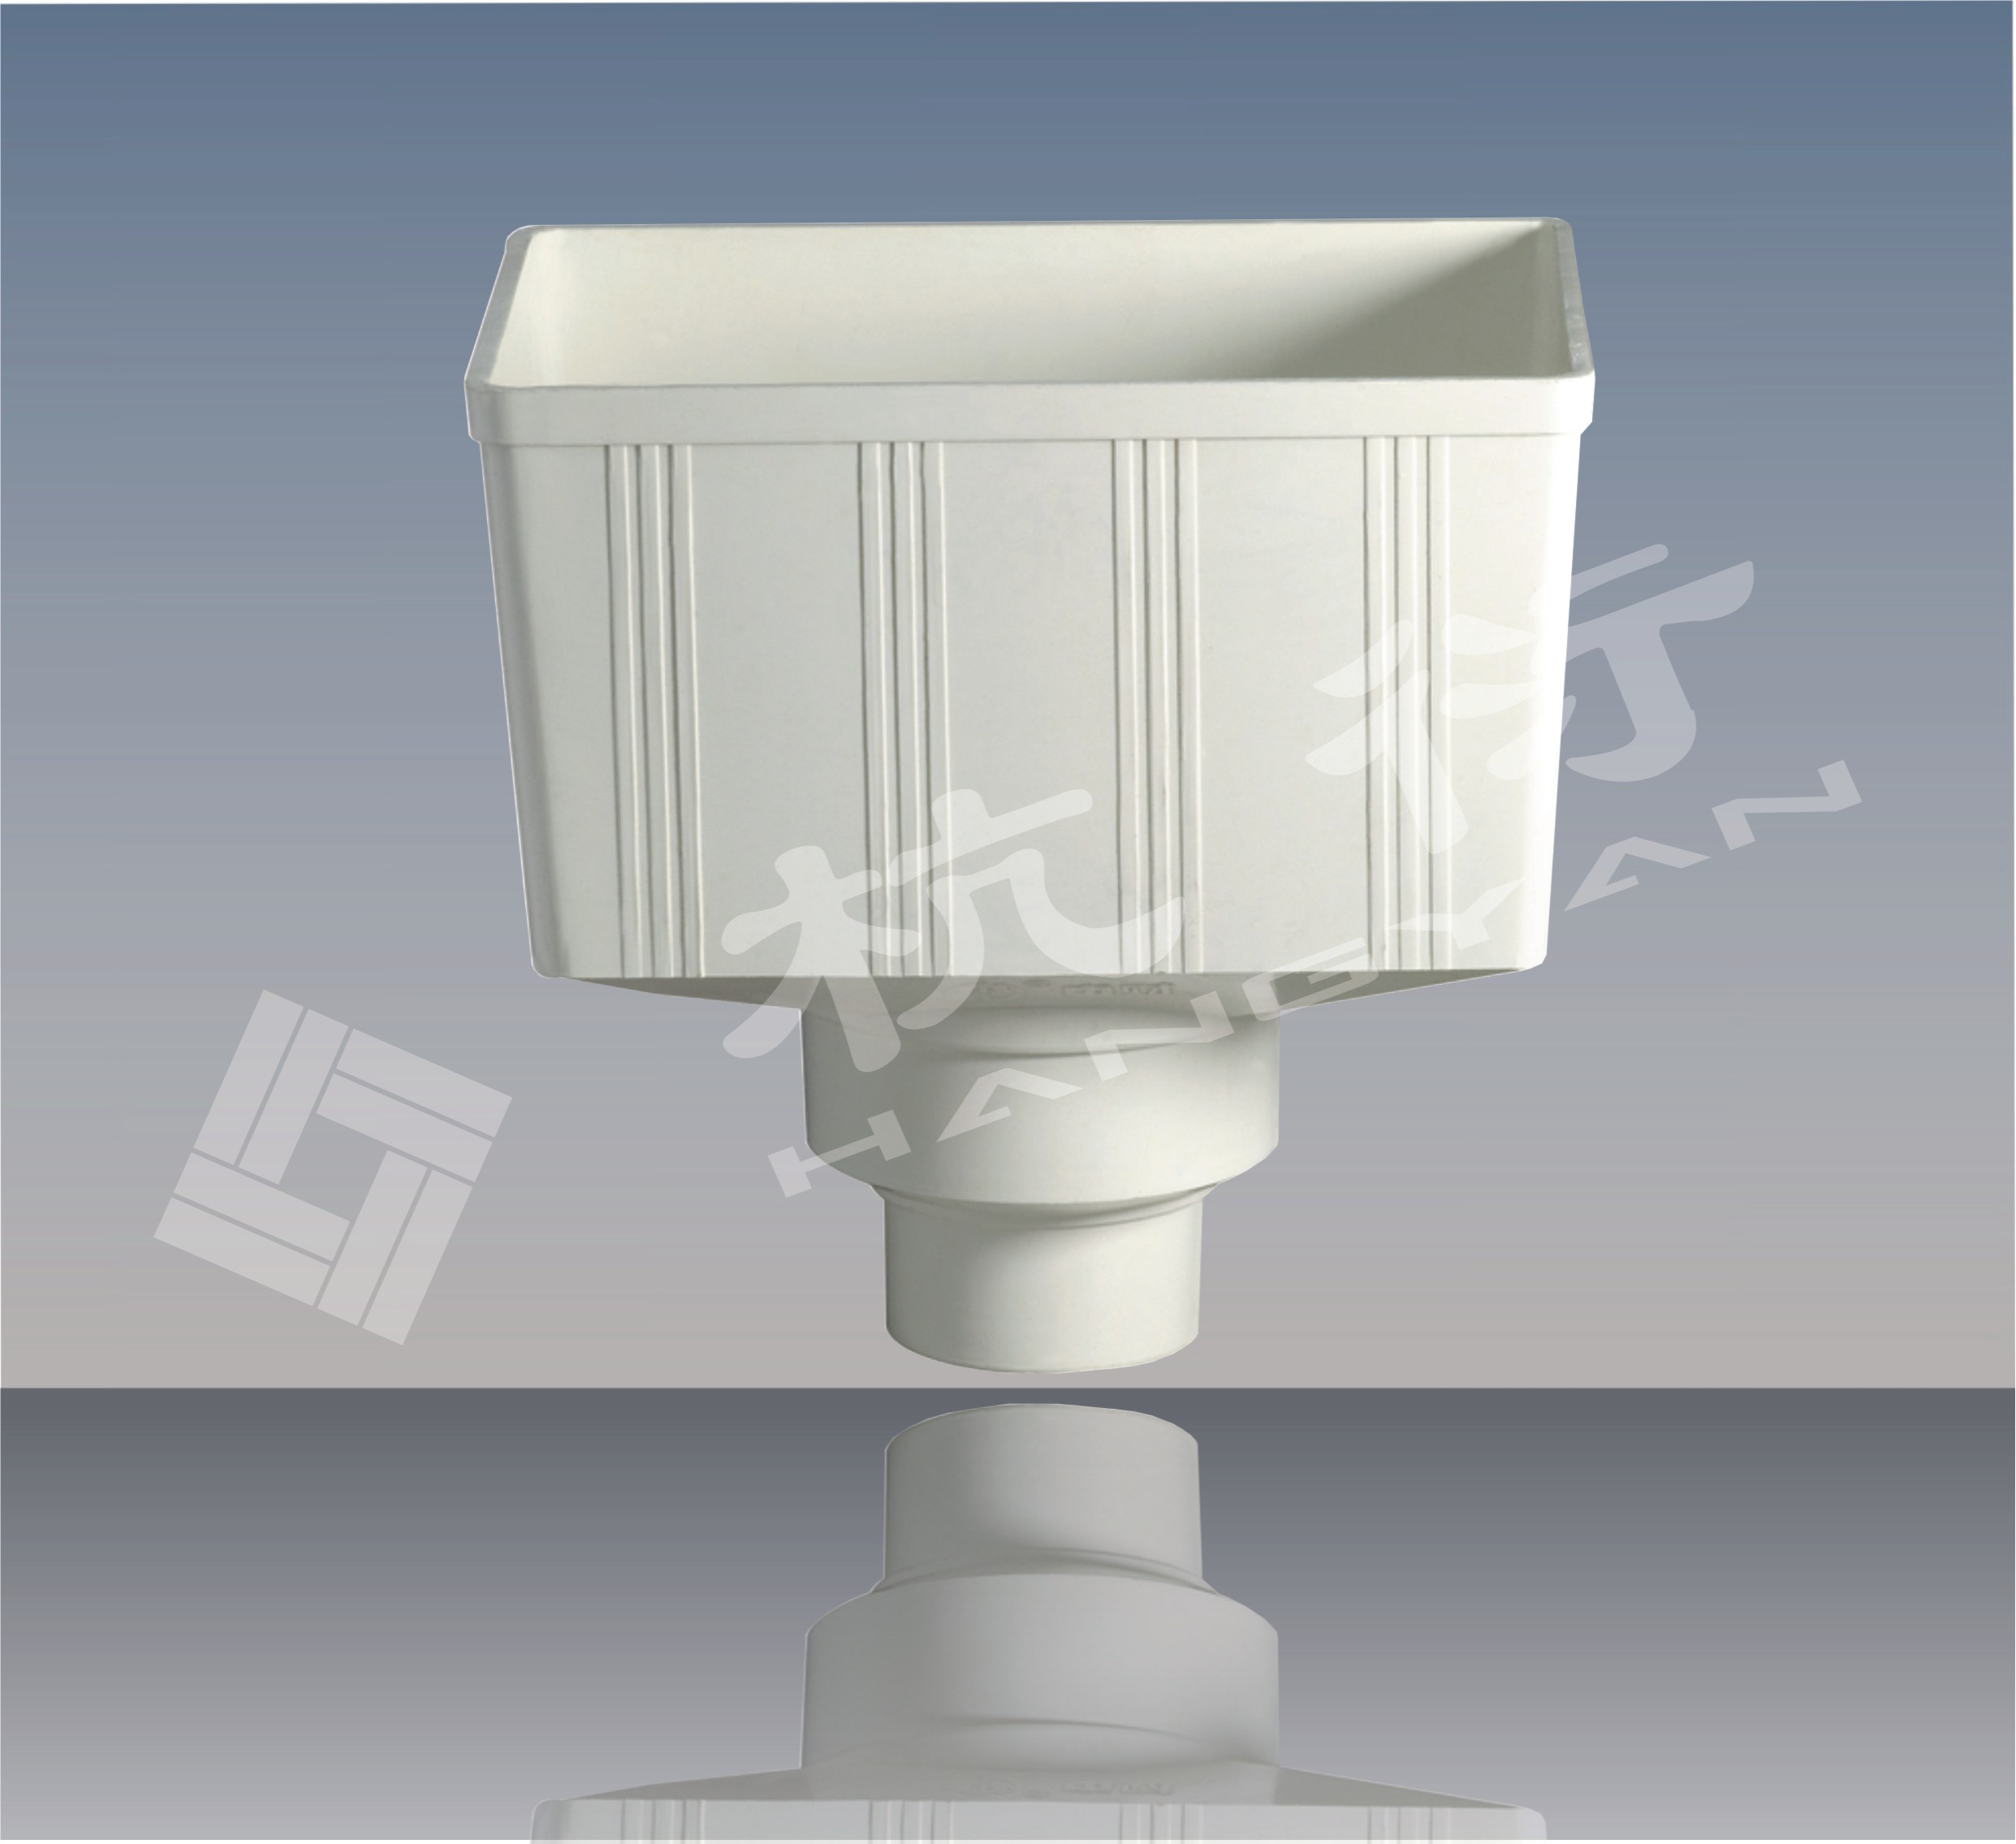 中财PVC排水管系列配件P弯价格 报价 UPVC管 配件正品比价 挖东西 -